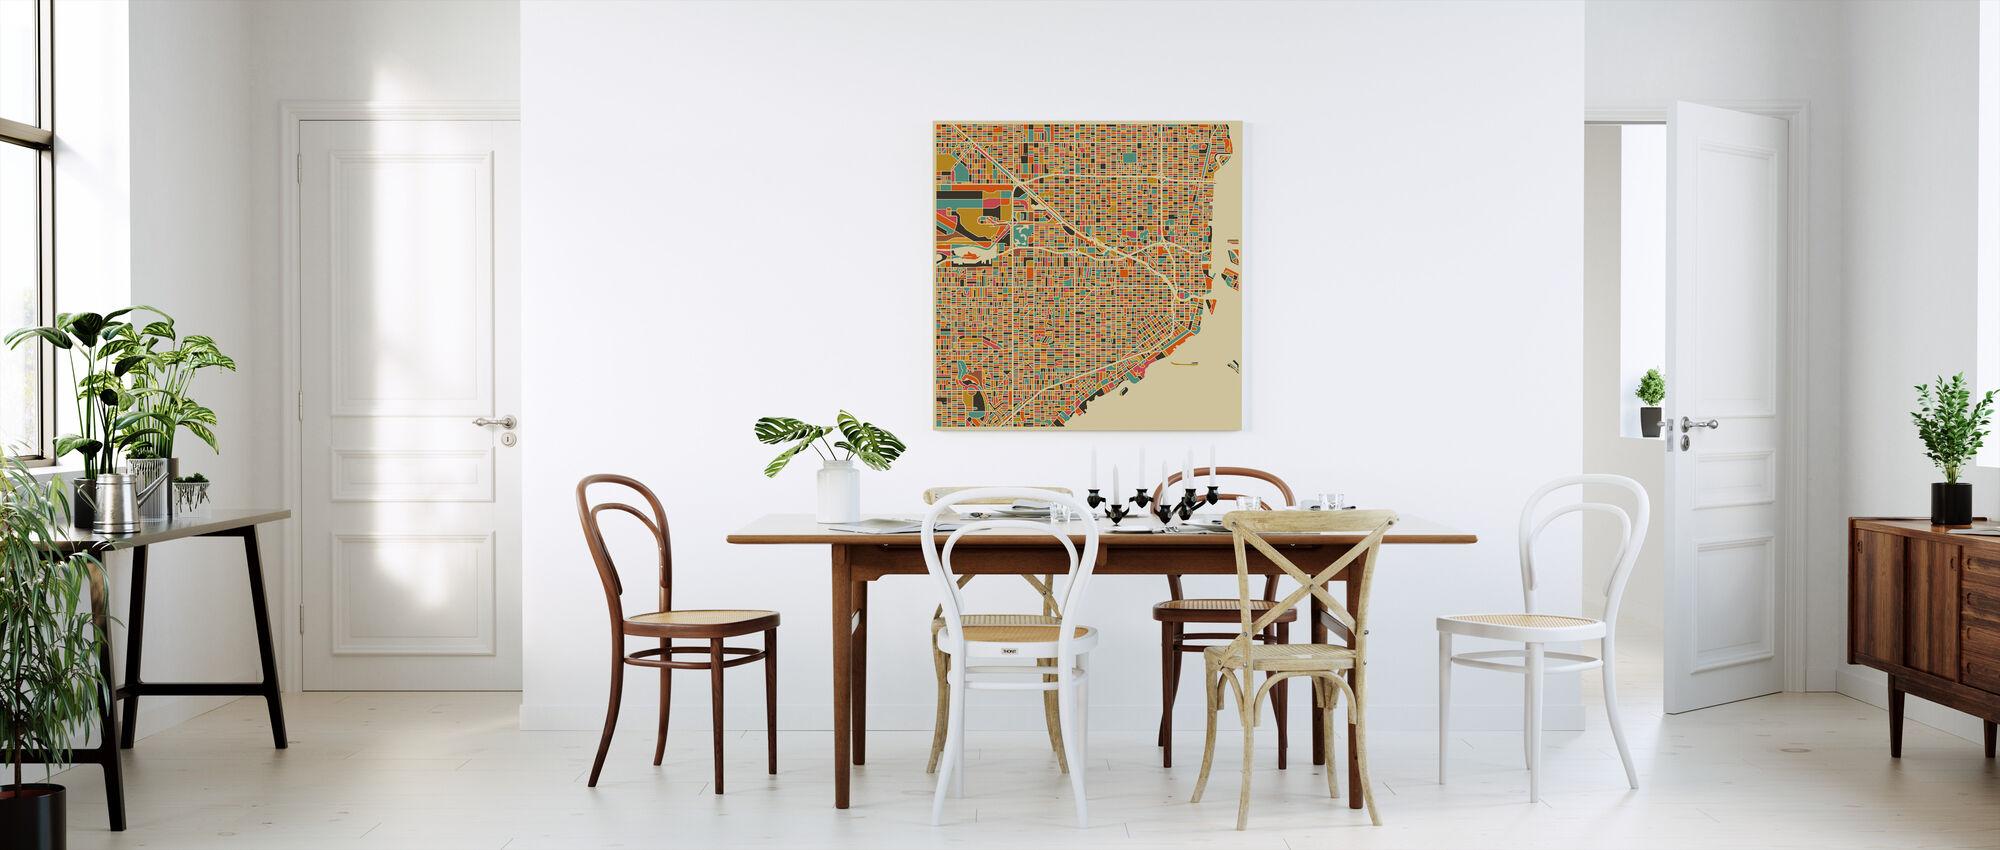 Multicolor Map - Miami - Obraz na płótnie - Kuchnia